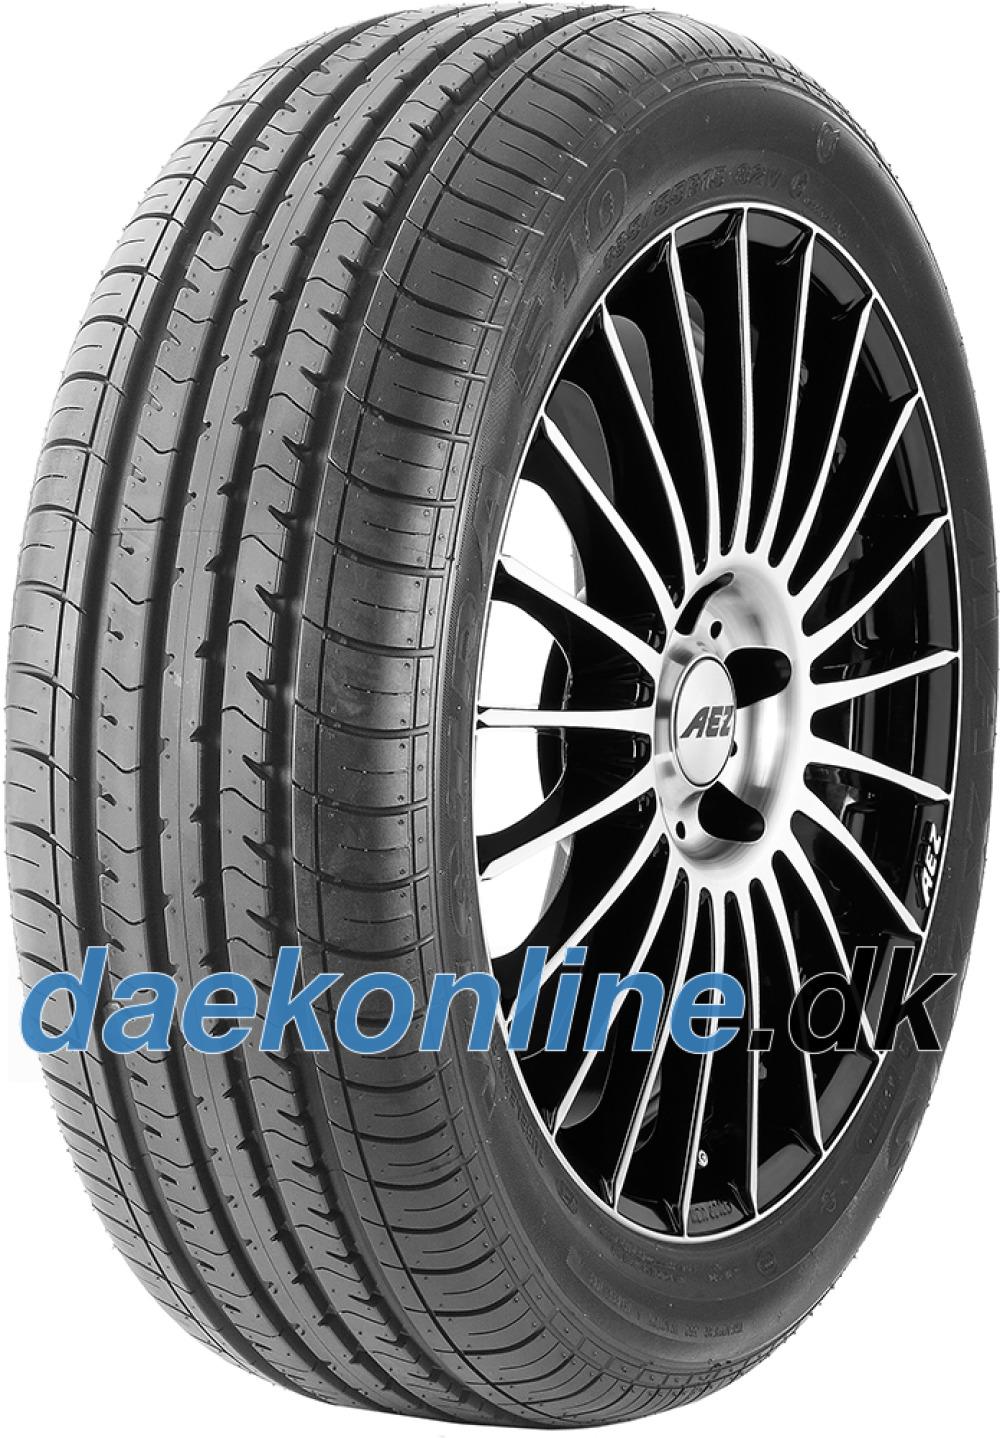 maxxis-ma-510e-20565-r15-99h-xl